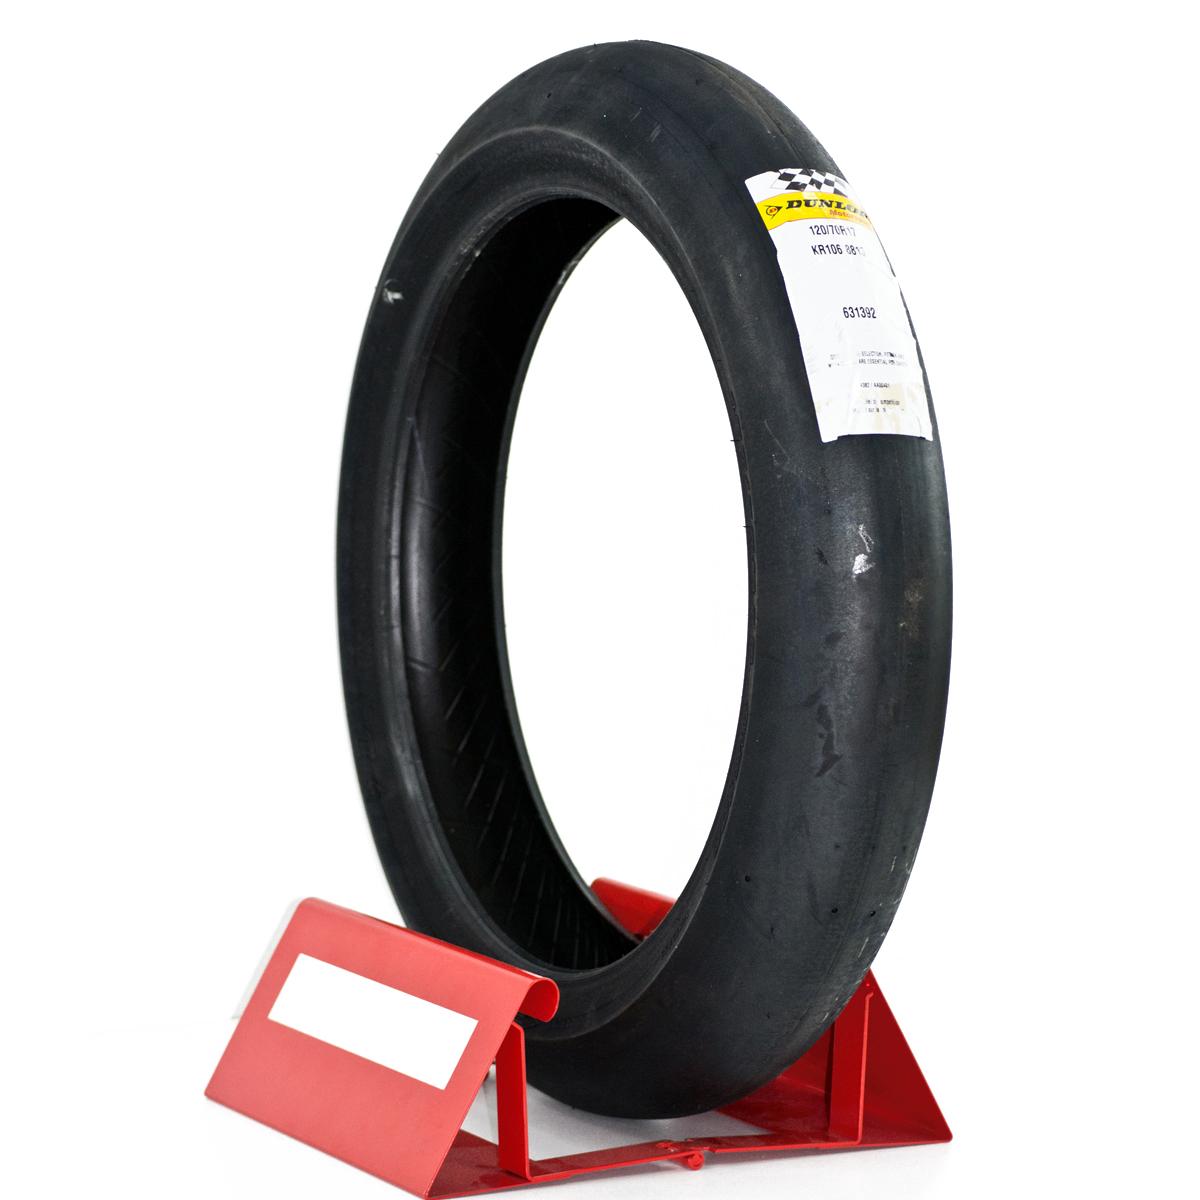 Dunlop GP Racer Slick D212 Front